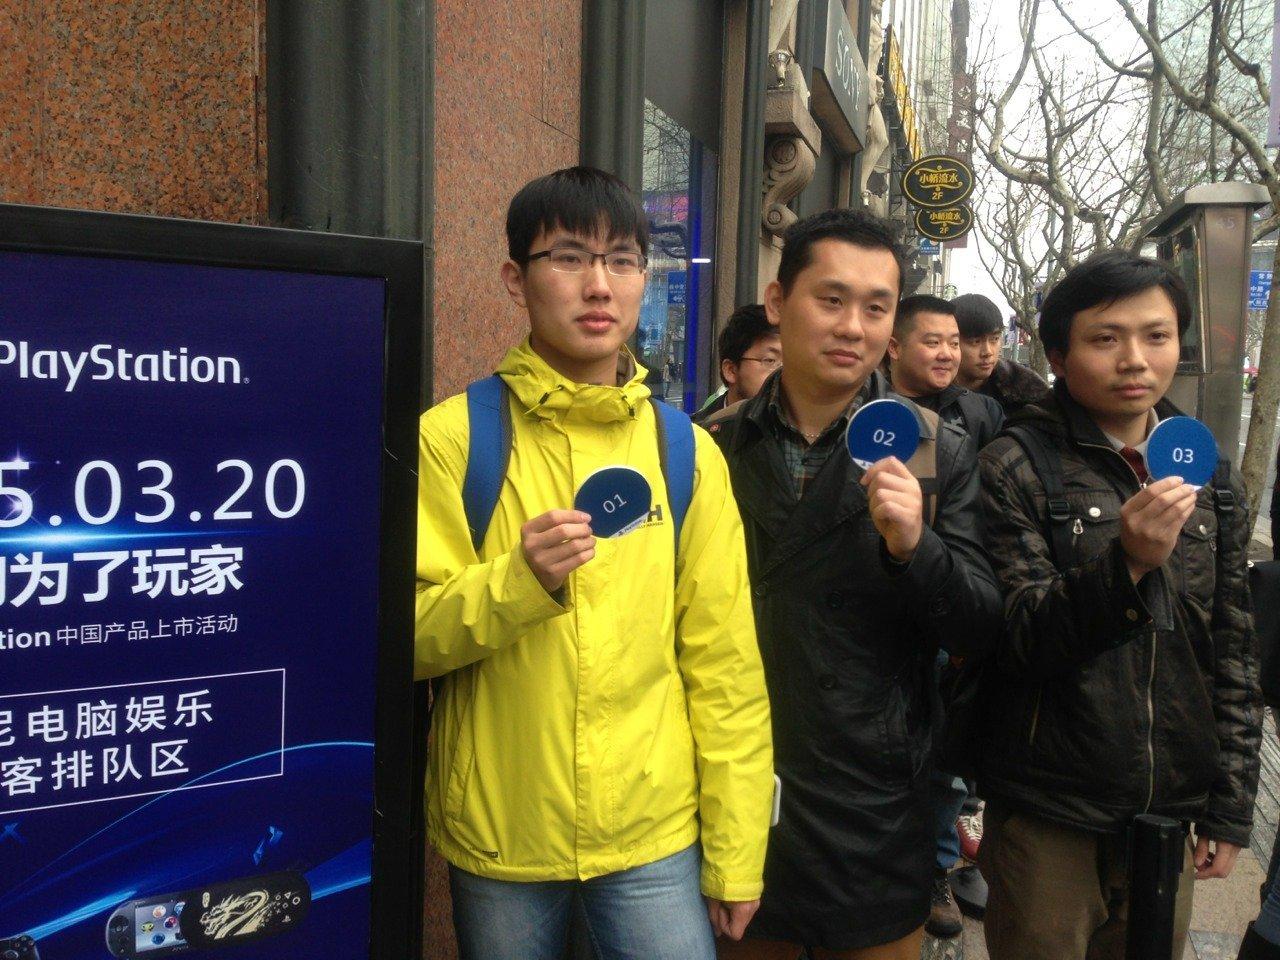 Китайцы встретили PlayStation 4 очередями !!! Долгожданный релиз в Китае !. - Изображение 3